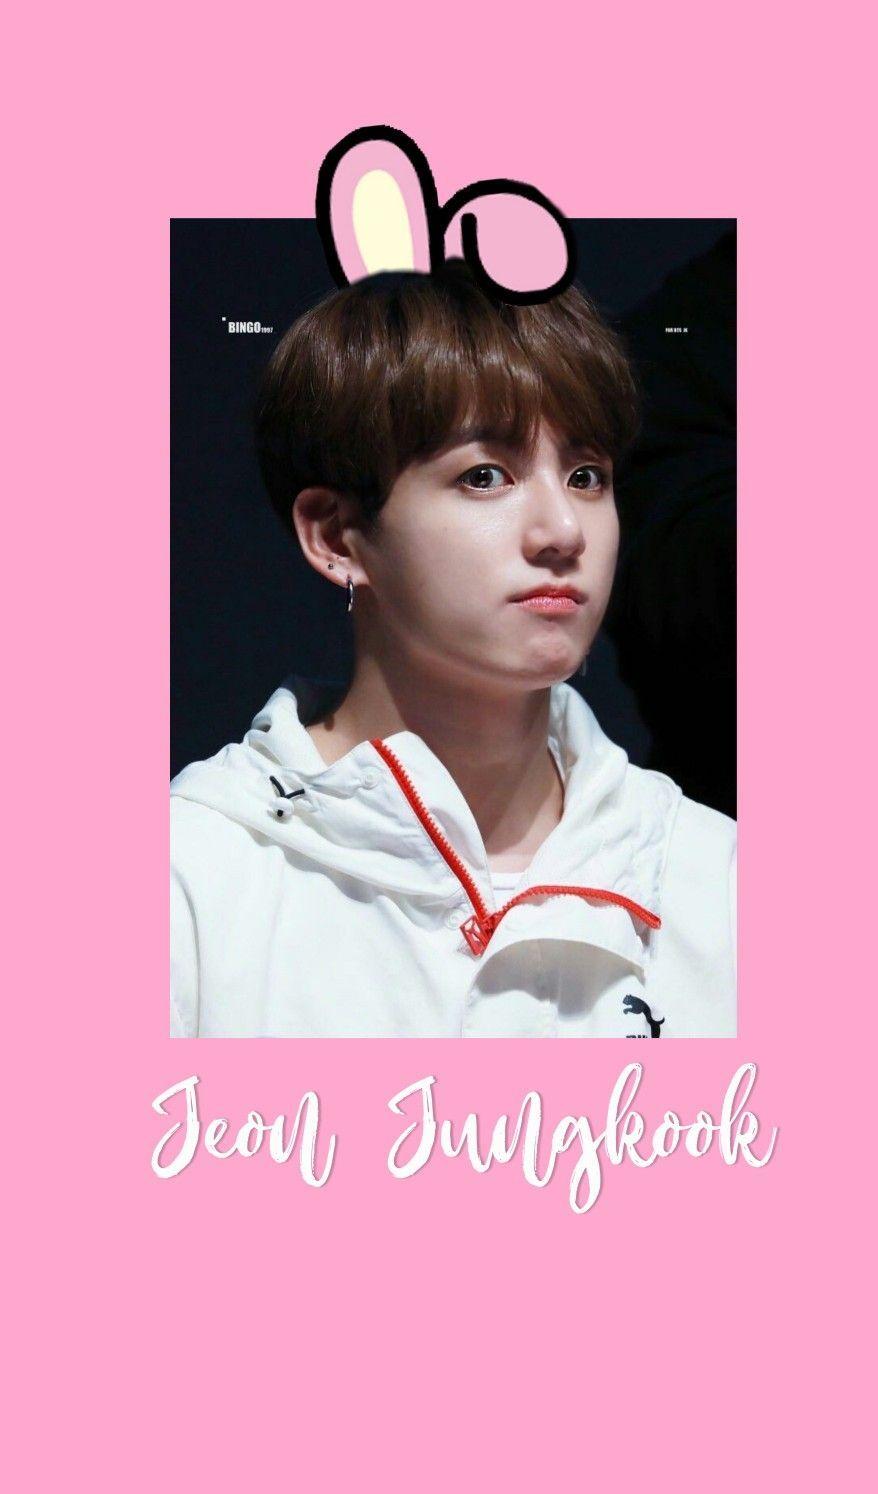 Jungkook Cooky Jungkook Cute Jungkook Jeon Jungkook